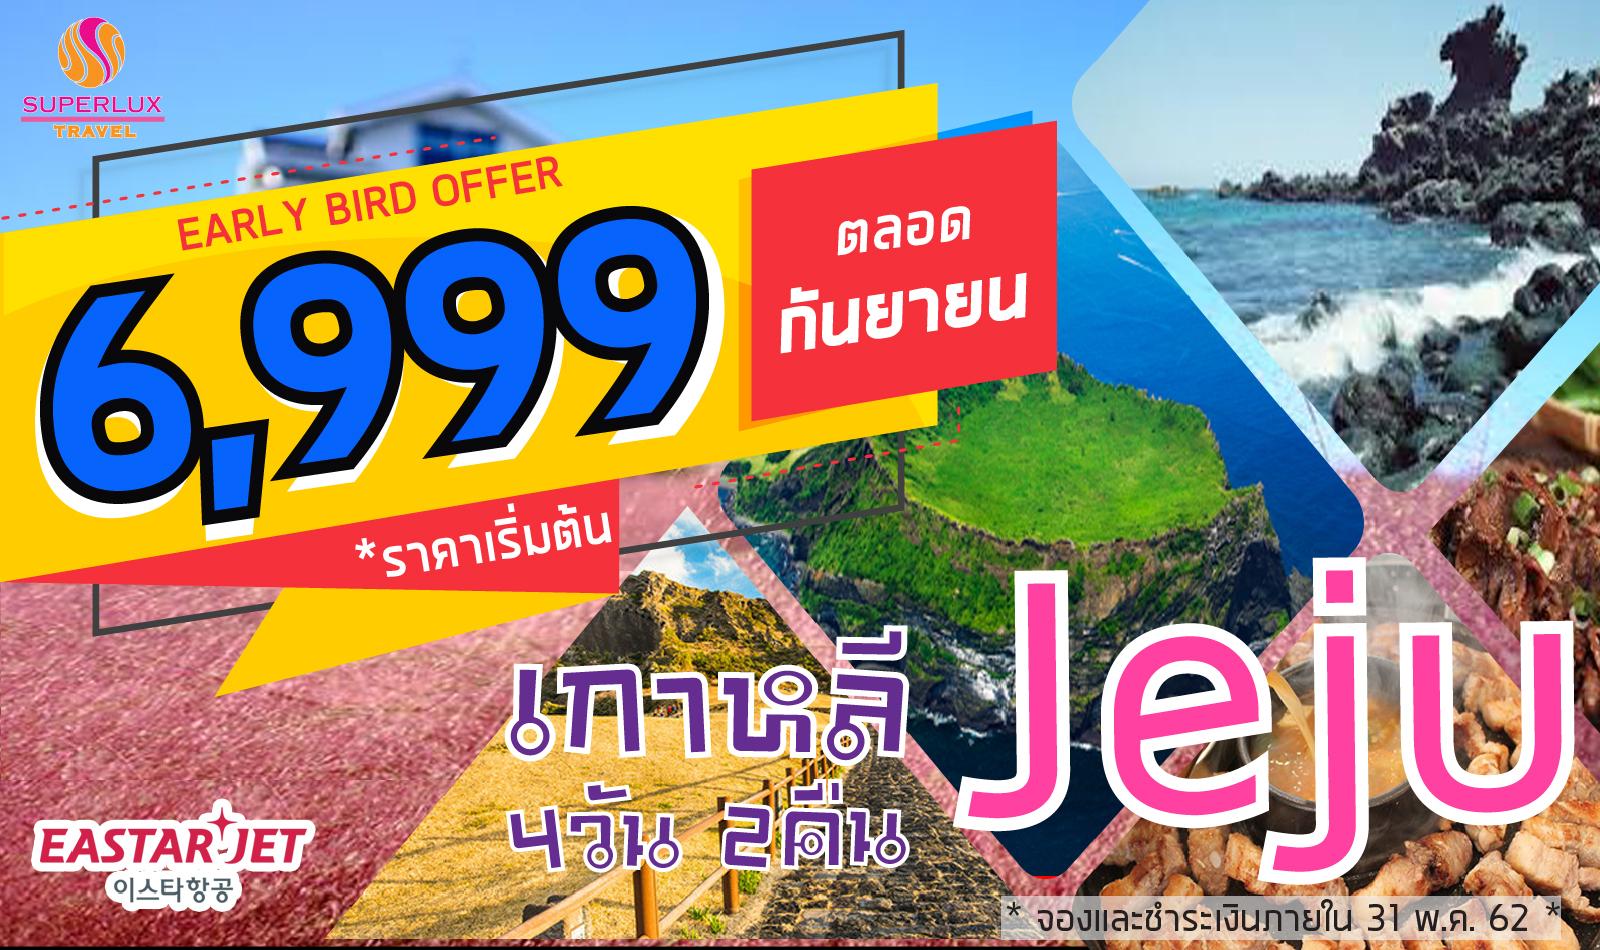 ทัวร์เกาหลี เกาะเชจู ROMANTIC JEJU IN SEPTEMBER 4D2N